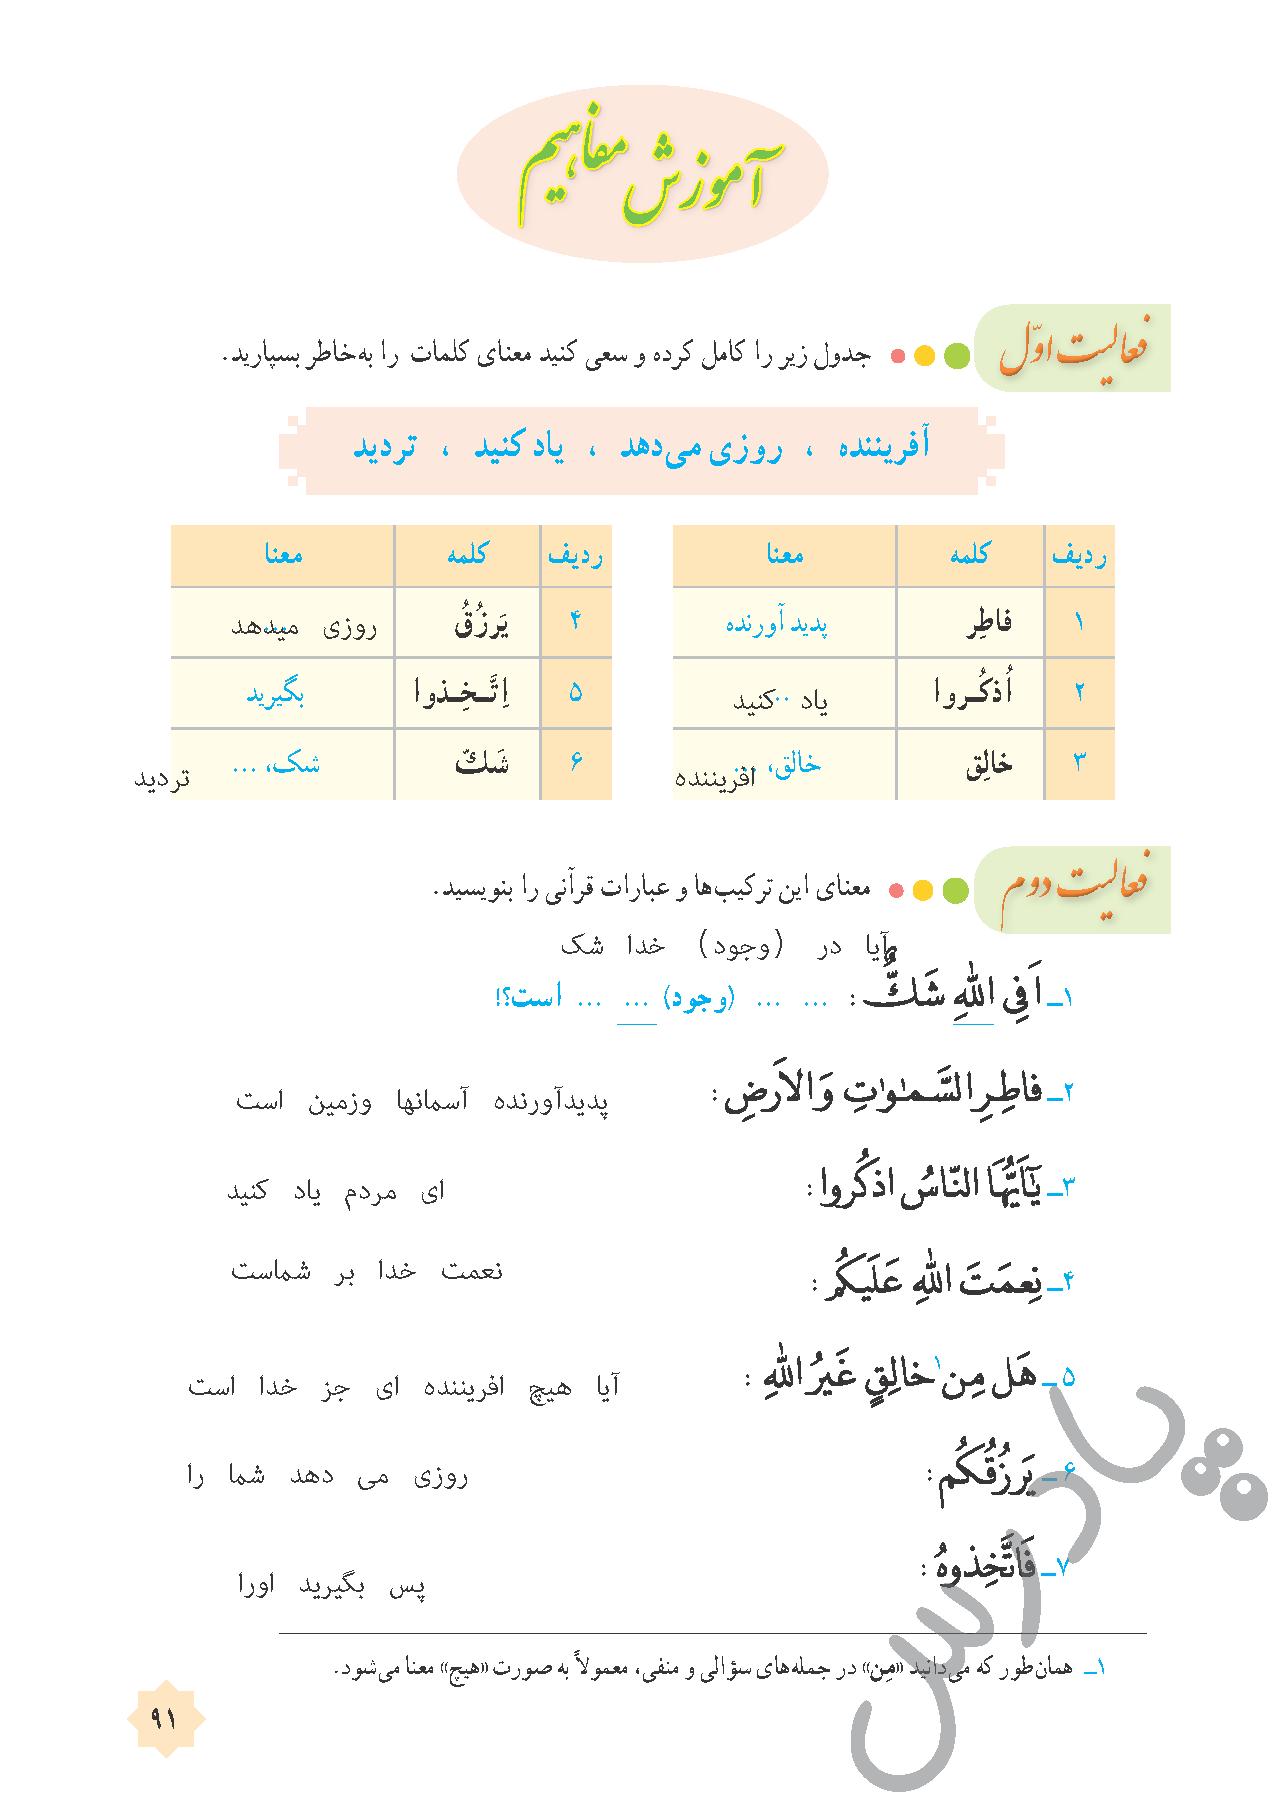 جواب فعالیت های درس 9 قرآن هشتم -جلسه دوم